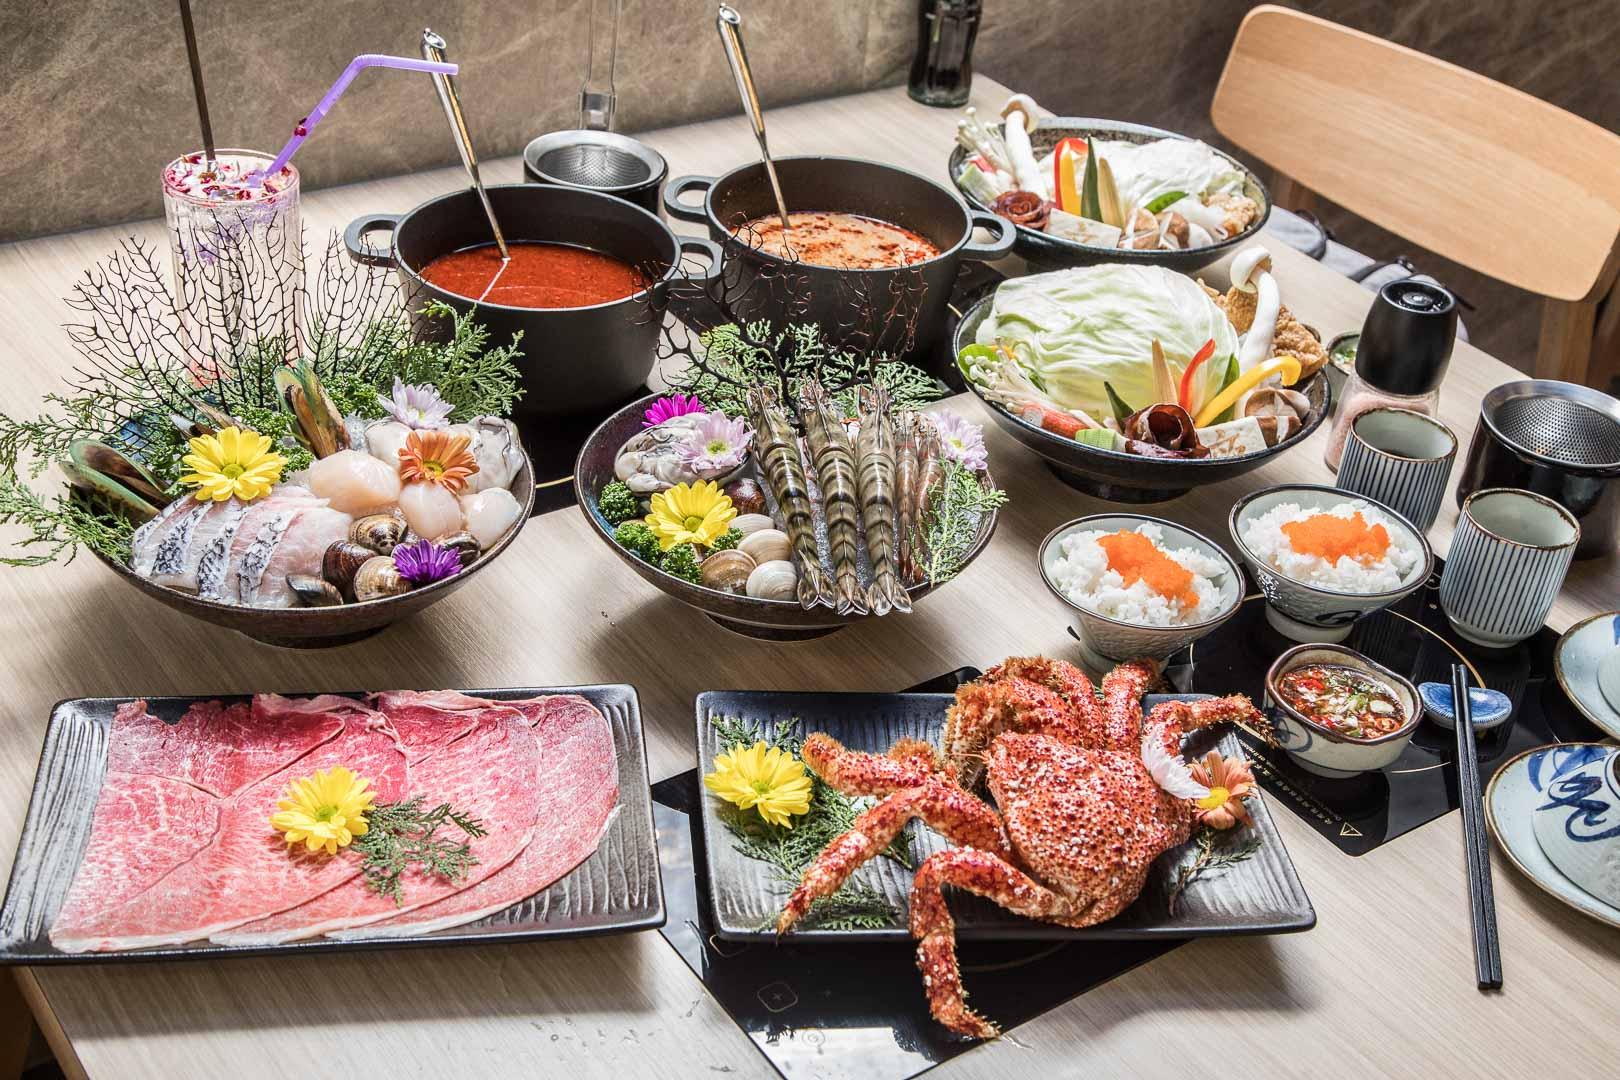 [桃園龜山]頂級食材鍋物推薦,驚呆!加點整隻南極大雪蟹只要199元!六石蒔鍋